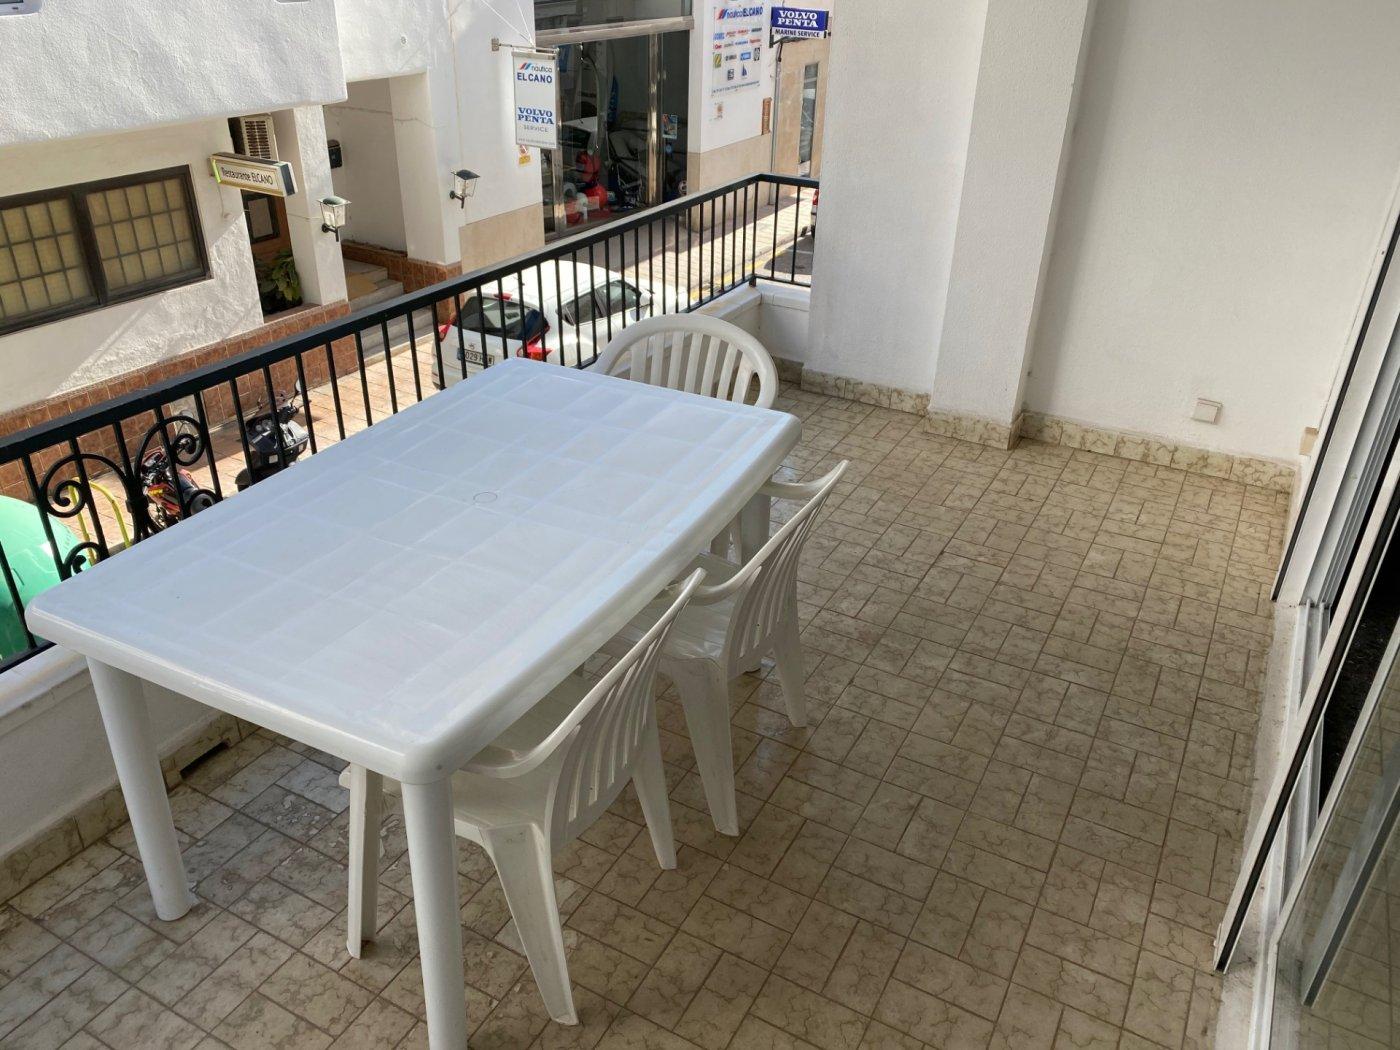 Espacioso piso a la venta en puerto pollensa - imagenInmueble7